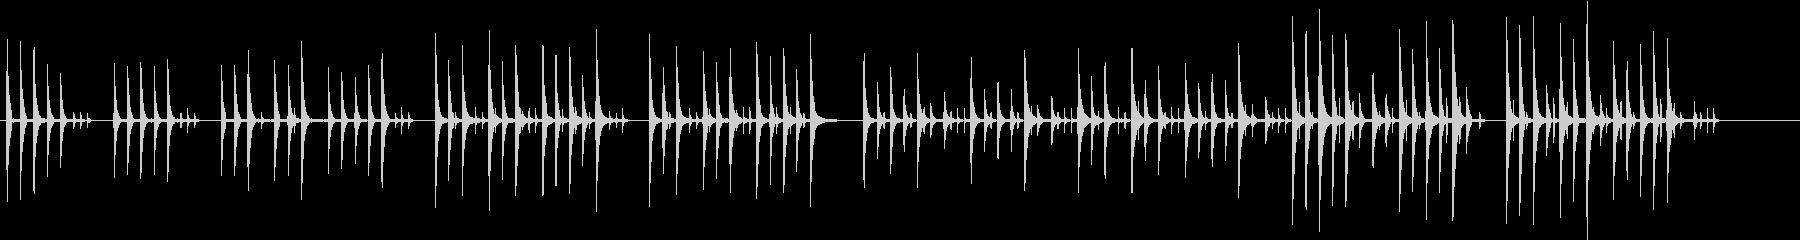 コミカルでほのぼのした雰囲気の曲の未再生の波形